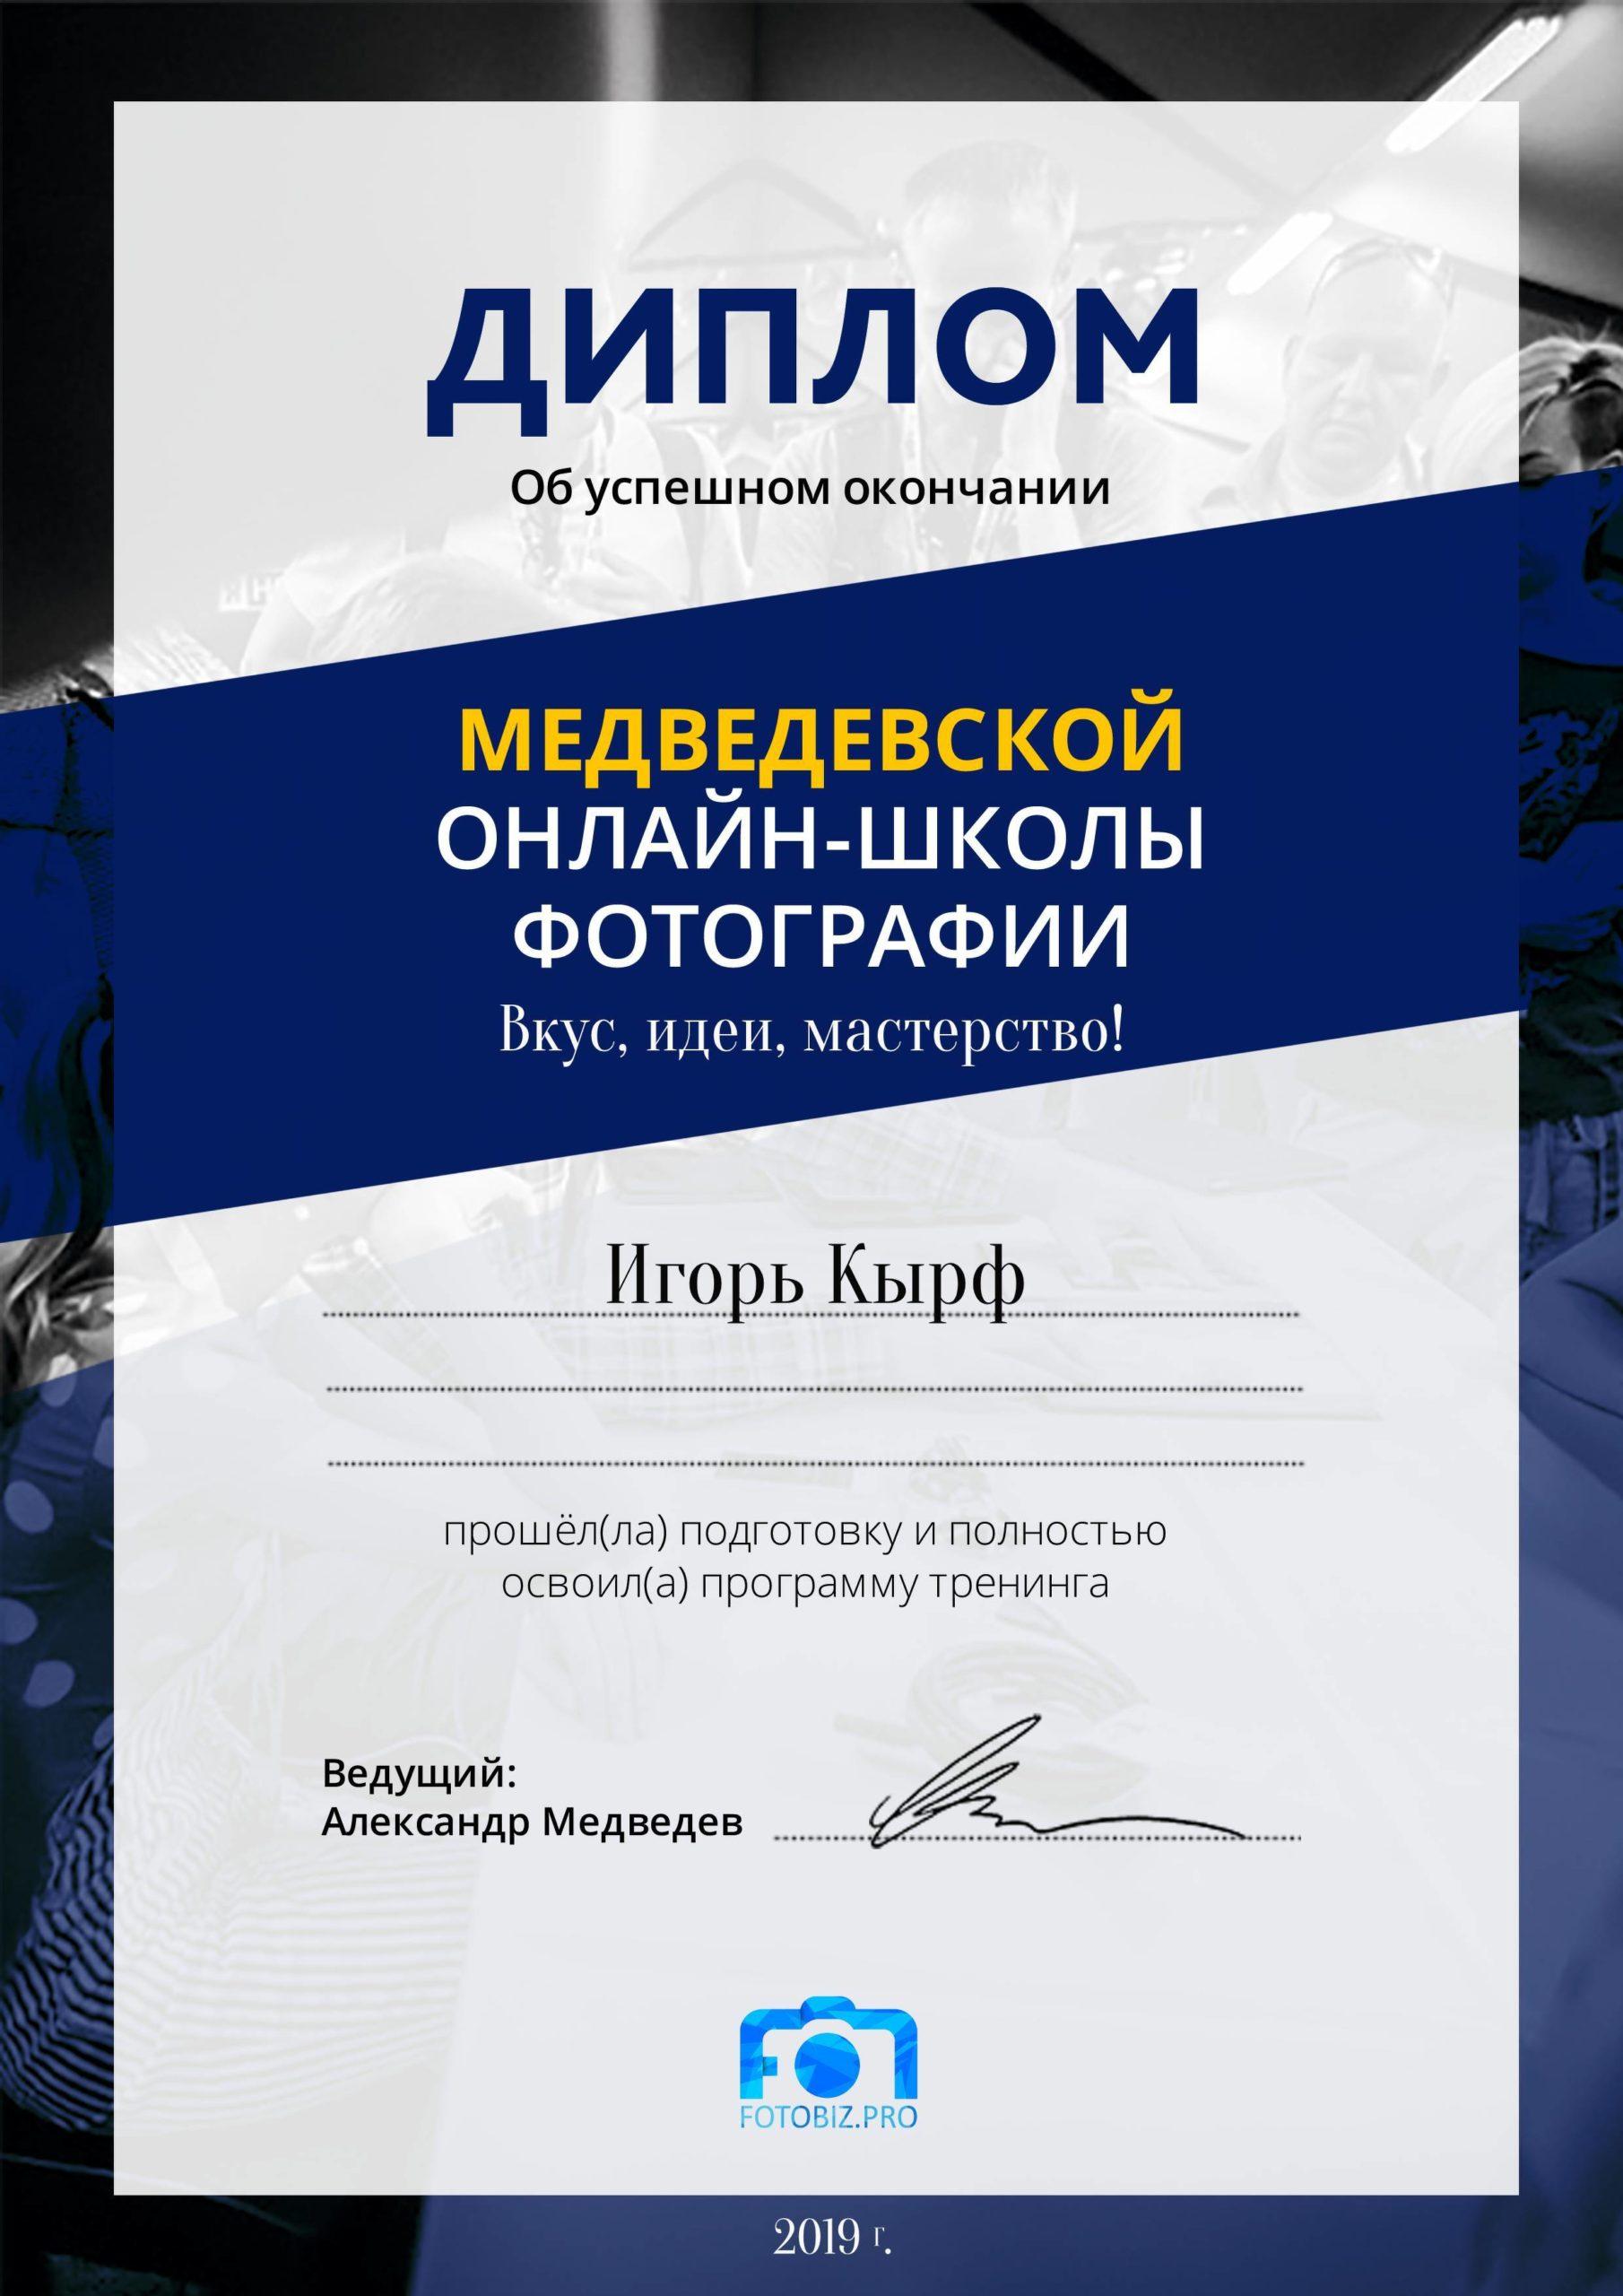 [medvedevskaya-shkola]-3-kurs